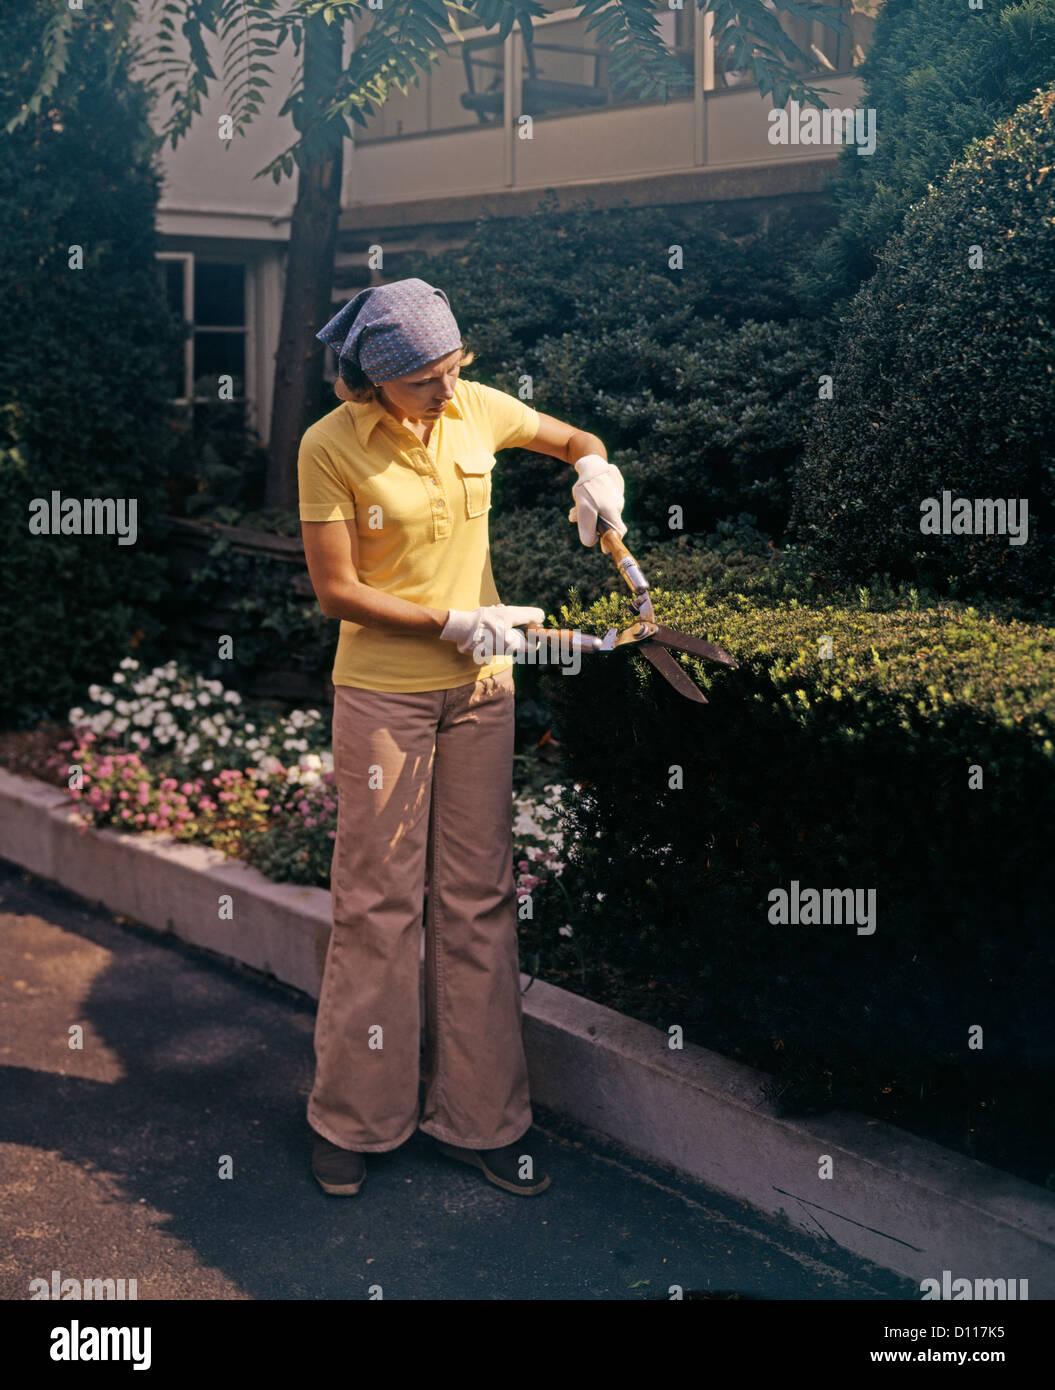 Femme des années 70, à l'aide de tondeuses de jardin de buis de fraisage PORTANT COUVERTURE BELLBOTTOMS Photo Stock